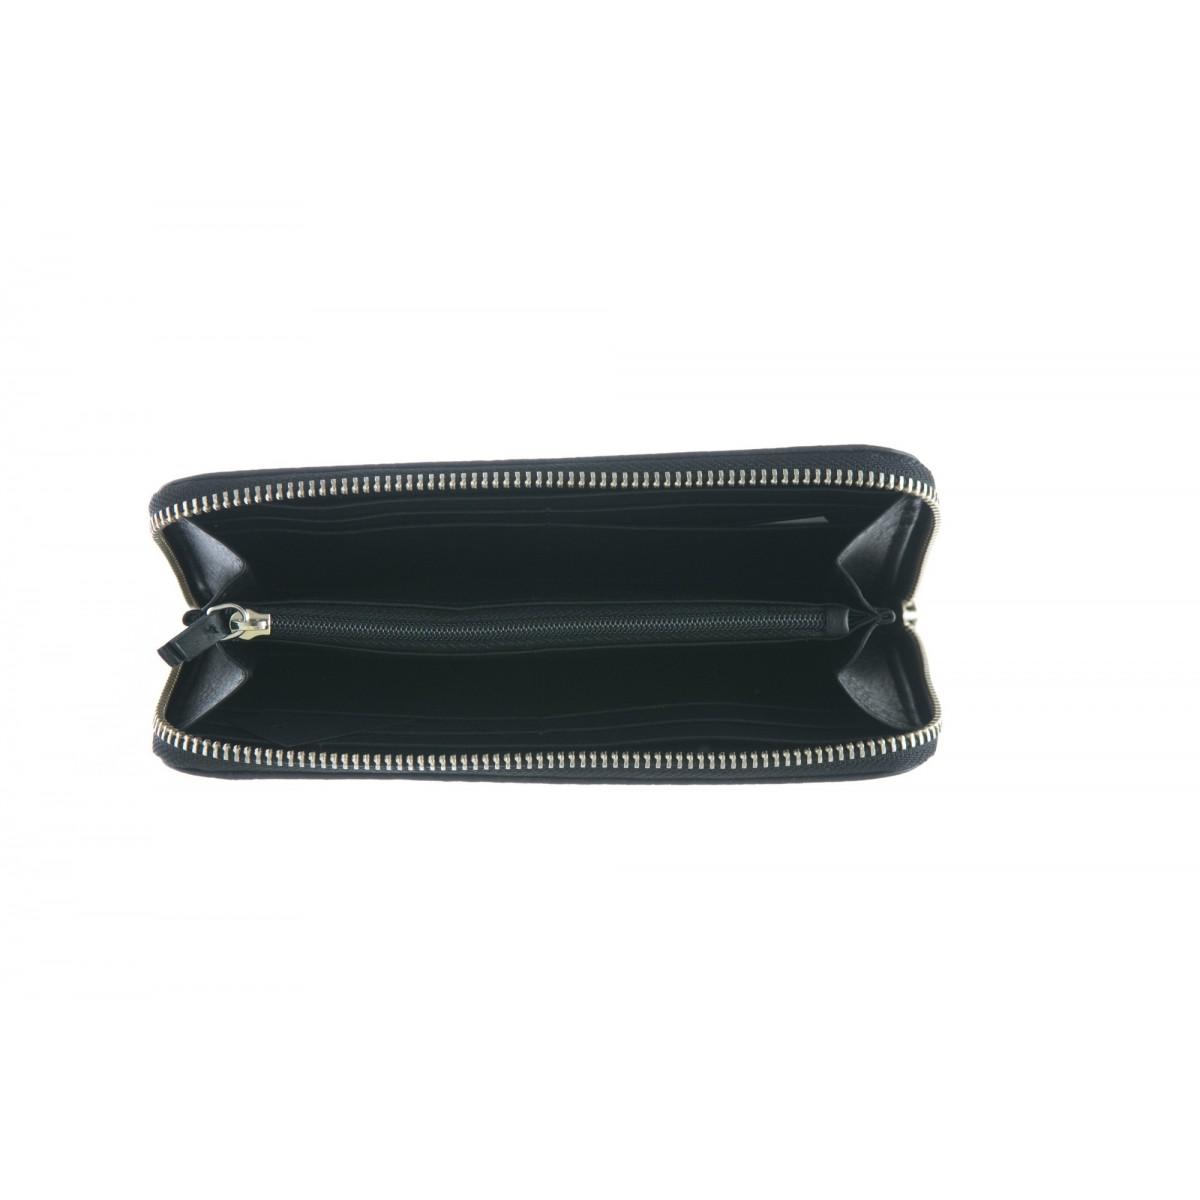 Portafoglio - 5d047 soft portafoglio